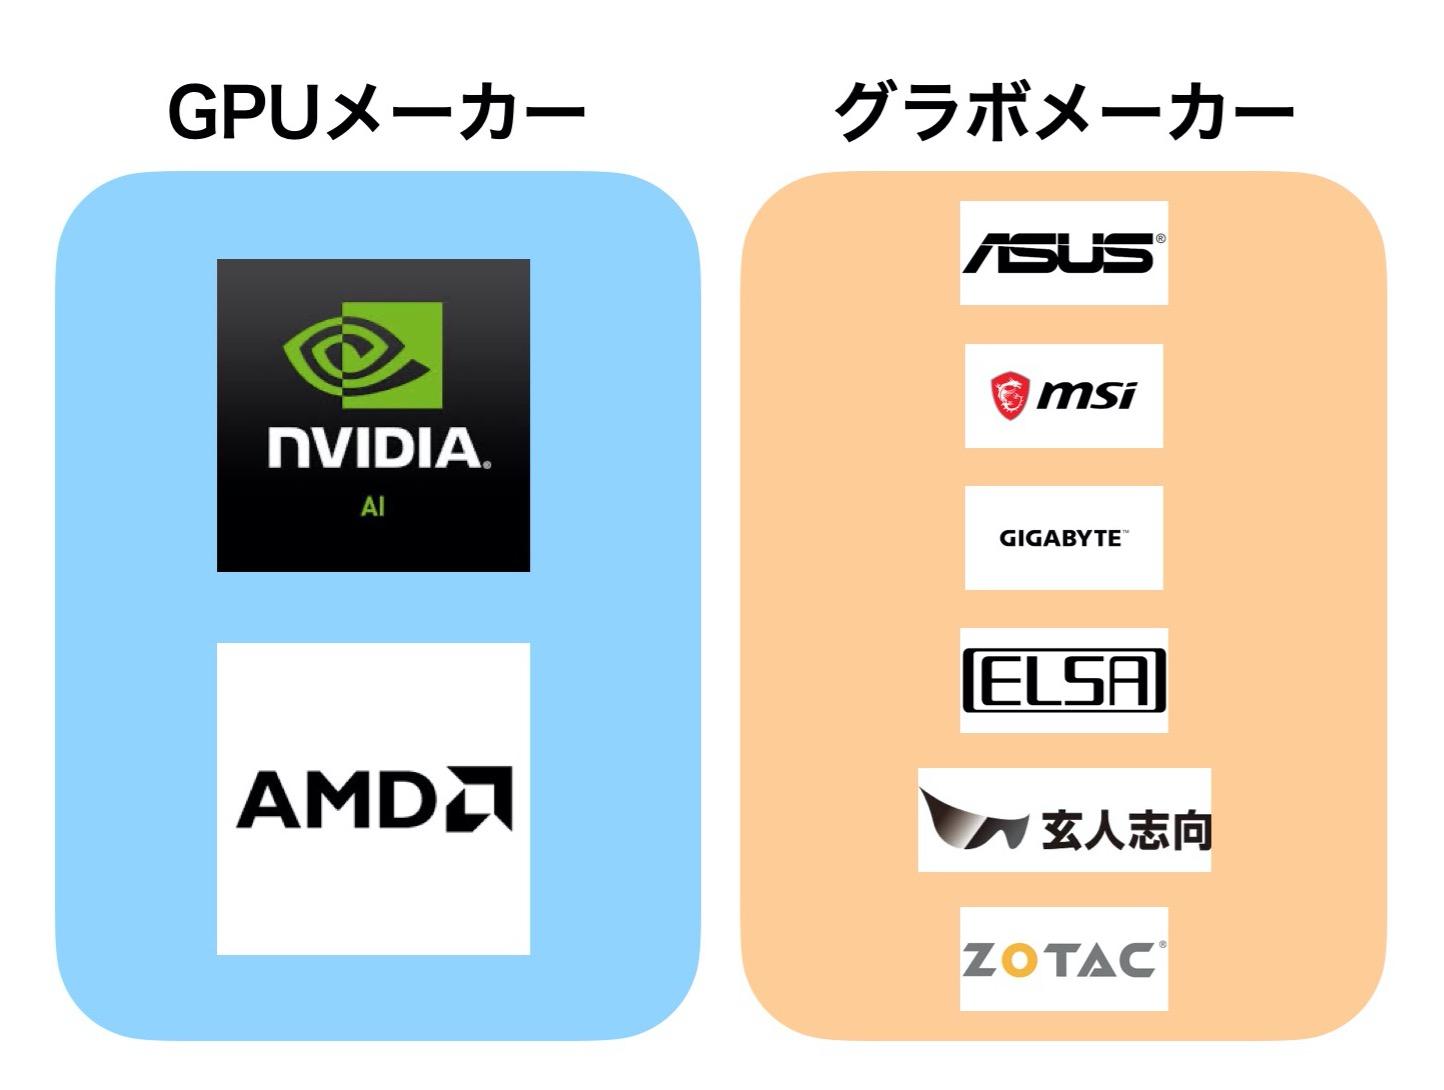 GPU_グラボ_メーカー